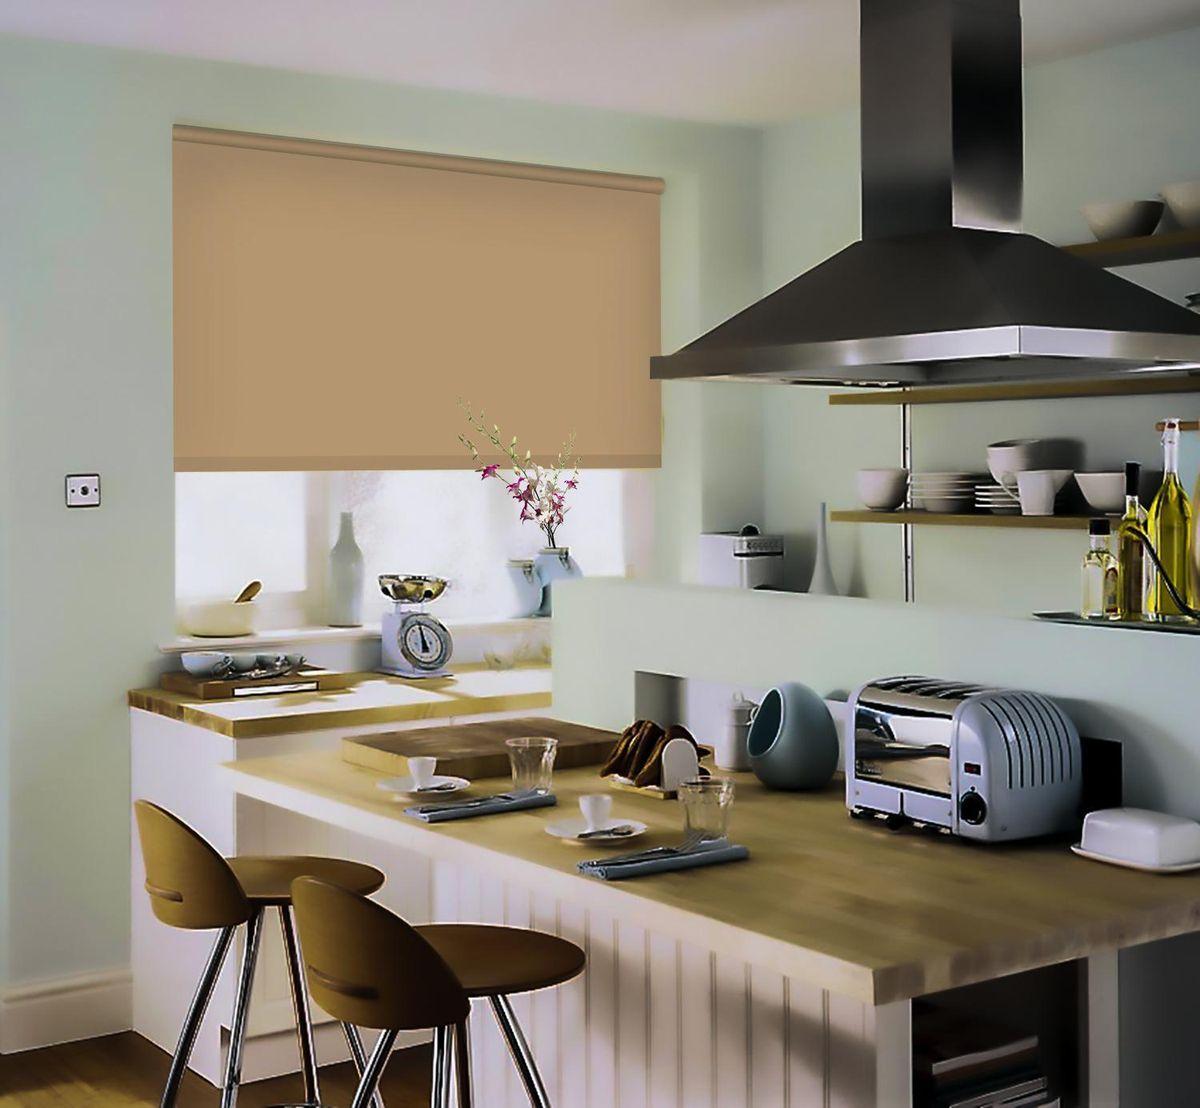 Штора рулонная Эскар, цвет: темно-бежевый, ширина 150 см, высота 170 см81209150170Рулонными шторами можно оформлять окна как самостоятельно, так и использовать в комбинации с портьерами. Это поможет предотвратить выгорание дорогой ткани на солнце и соединит функционал рулонных с красотой навесных. Преимущества применения рулонных штор для пластиковых окон: - имеют прекрасный внешний вид: многообразие и фактурность материала изделия отлично смотрятся в любом интерьере; - многофункциональны: есть возможность подобрать шторы способные эффективно защитить комнату от солнца, при этом о на не будет слишком темной. - Есть возможность осуществить быстрый монтаж. ВНИМАНИЕ! Размеры ширины изделия указаны по ширине ткани! Во время эксплуатации не рекомендуется полностью разматывать рулон, чтобы не оторвать ткань от намоточного вала. В случае загрязнения поверхности ткани, чистку шторы проводят одним из способов, в зависимости от типа загрязнения: легкое поверхностное загрязнение можно удалить при помощи...